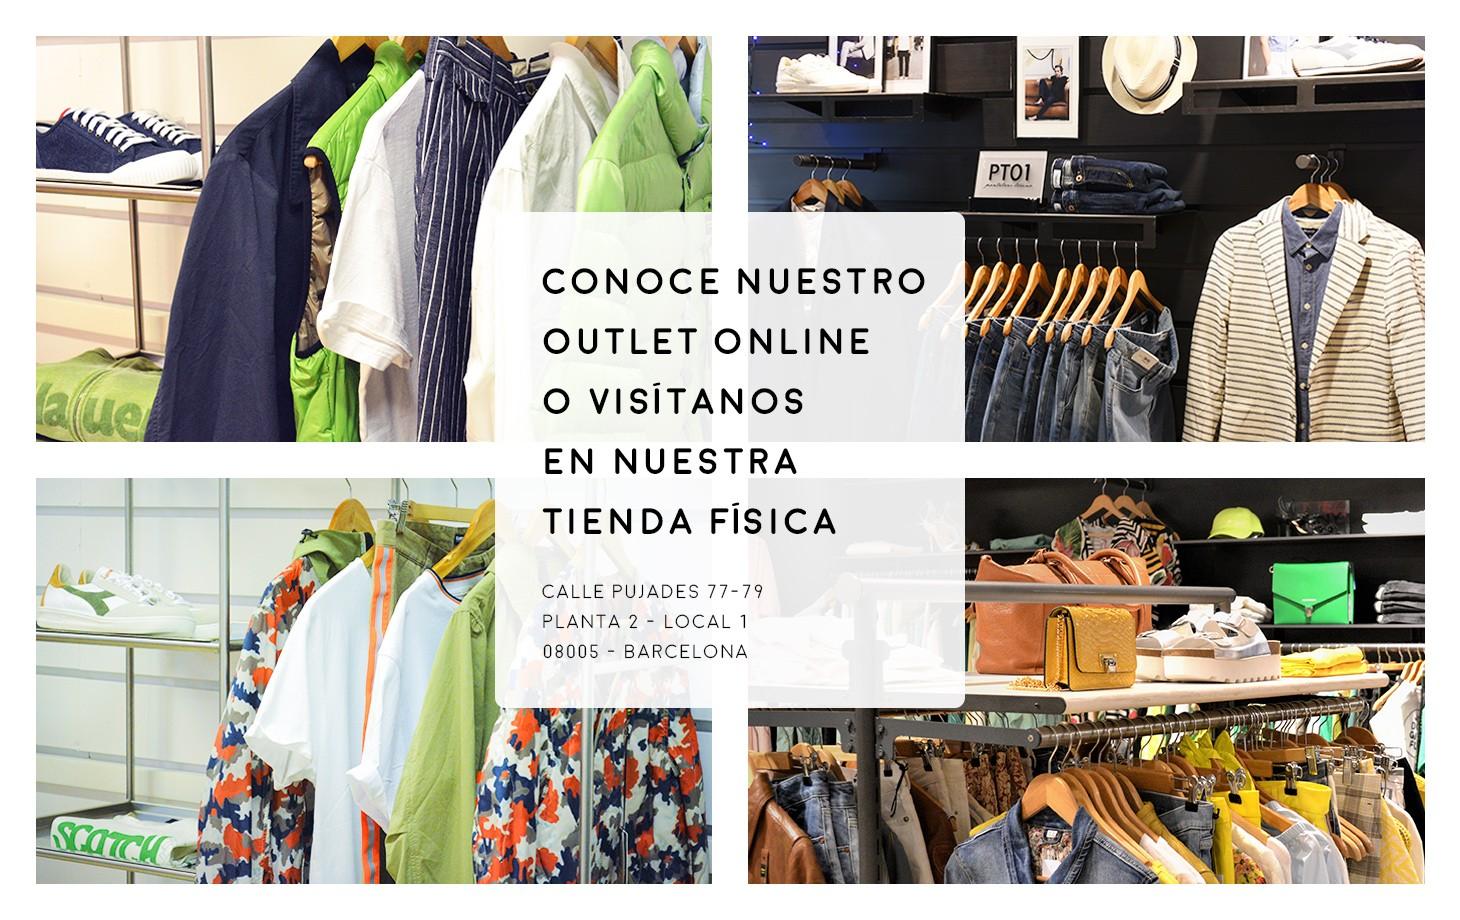 Conoce nuestro outlet online o visítanos en nuestra tienda física